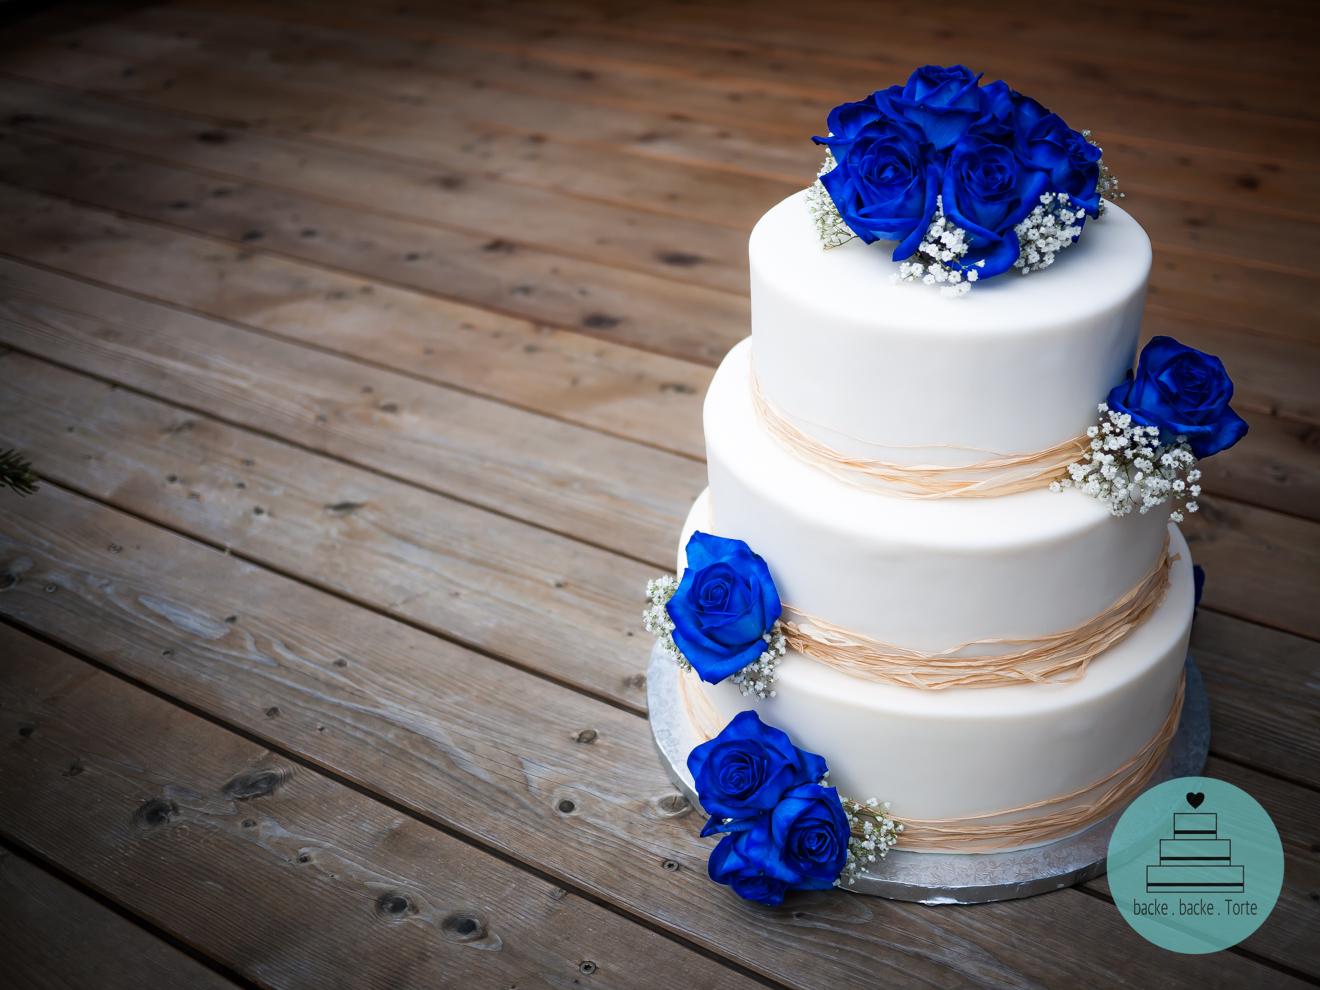 Hochzeitstorte . 3 Stöcke . blaue Rosen . Motivtorte .